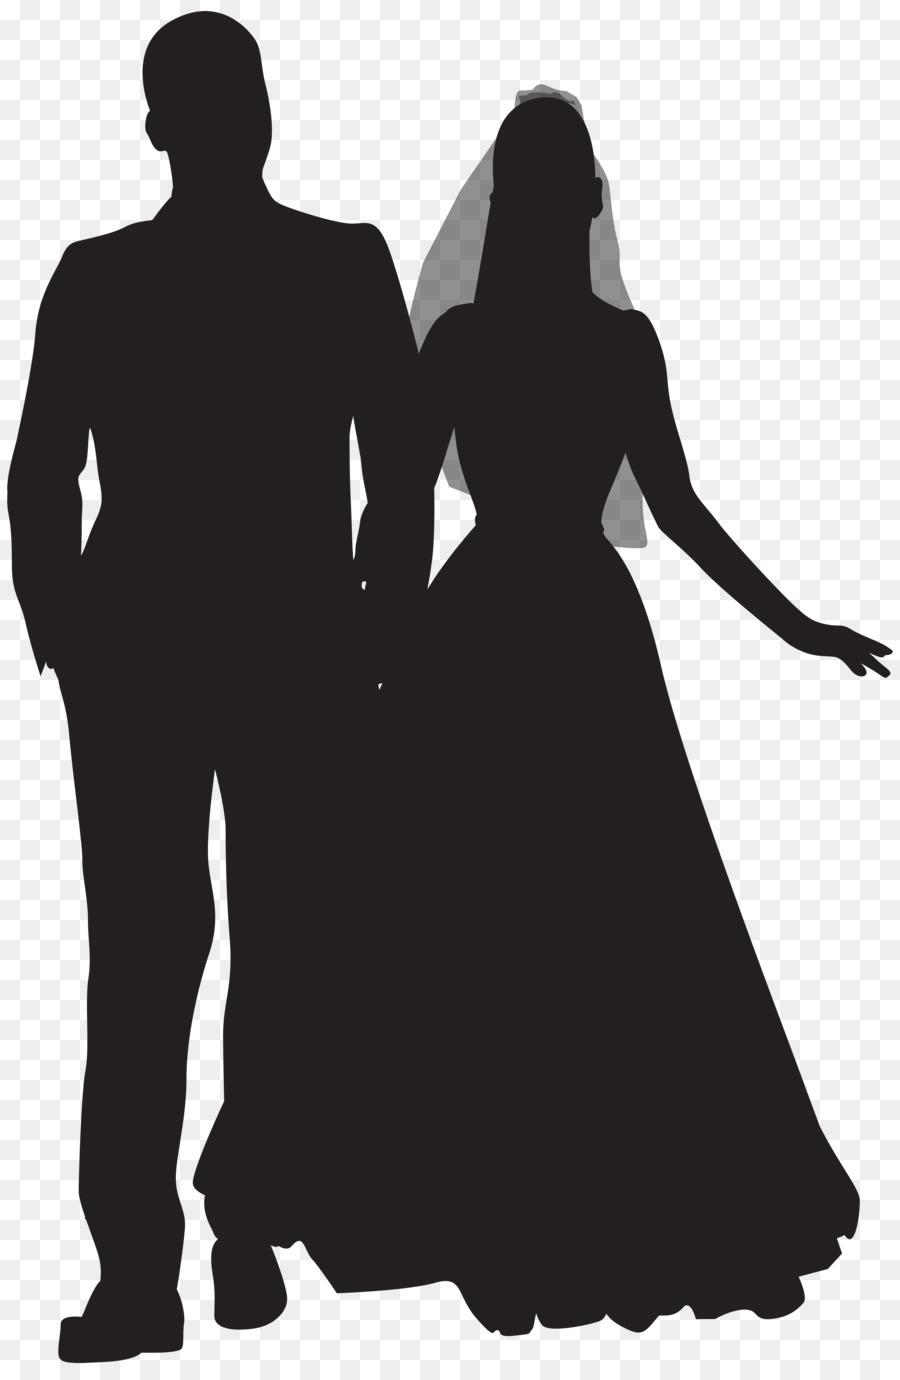 Kaufen Sie 3 erhalten 1 kostenlose Hochzeit Bären Clipart | Etsy